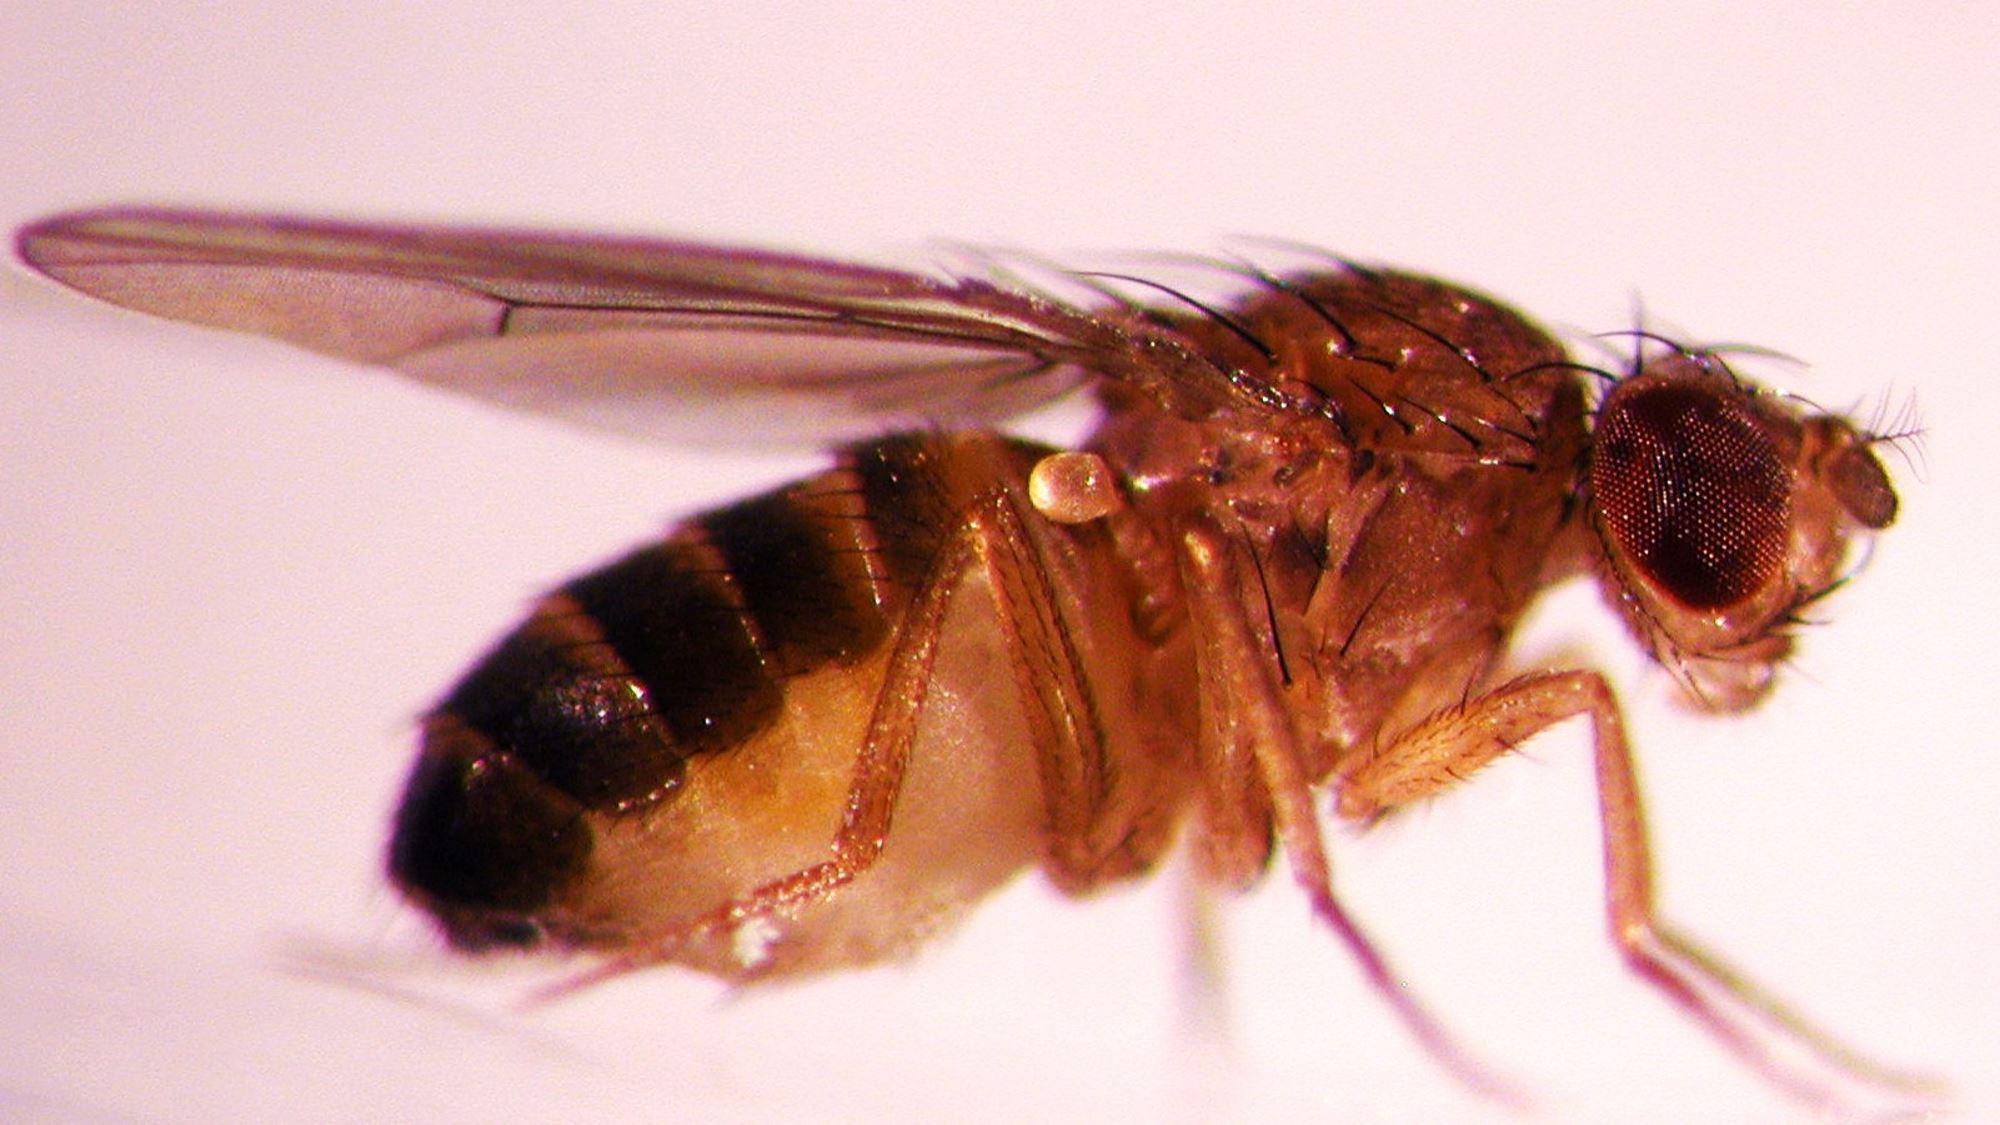 Drosophila fue el primer organismo multicelular del que se secuenció el genoma completo en el año 2000 (Imagen de la Universidad Estatal de Oregon en Flickr).